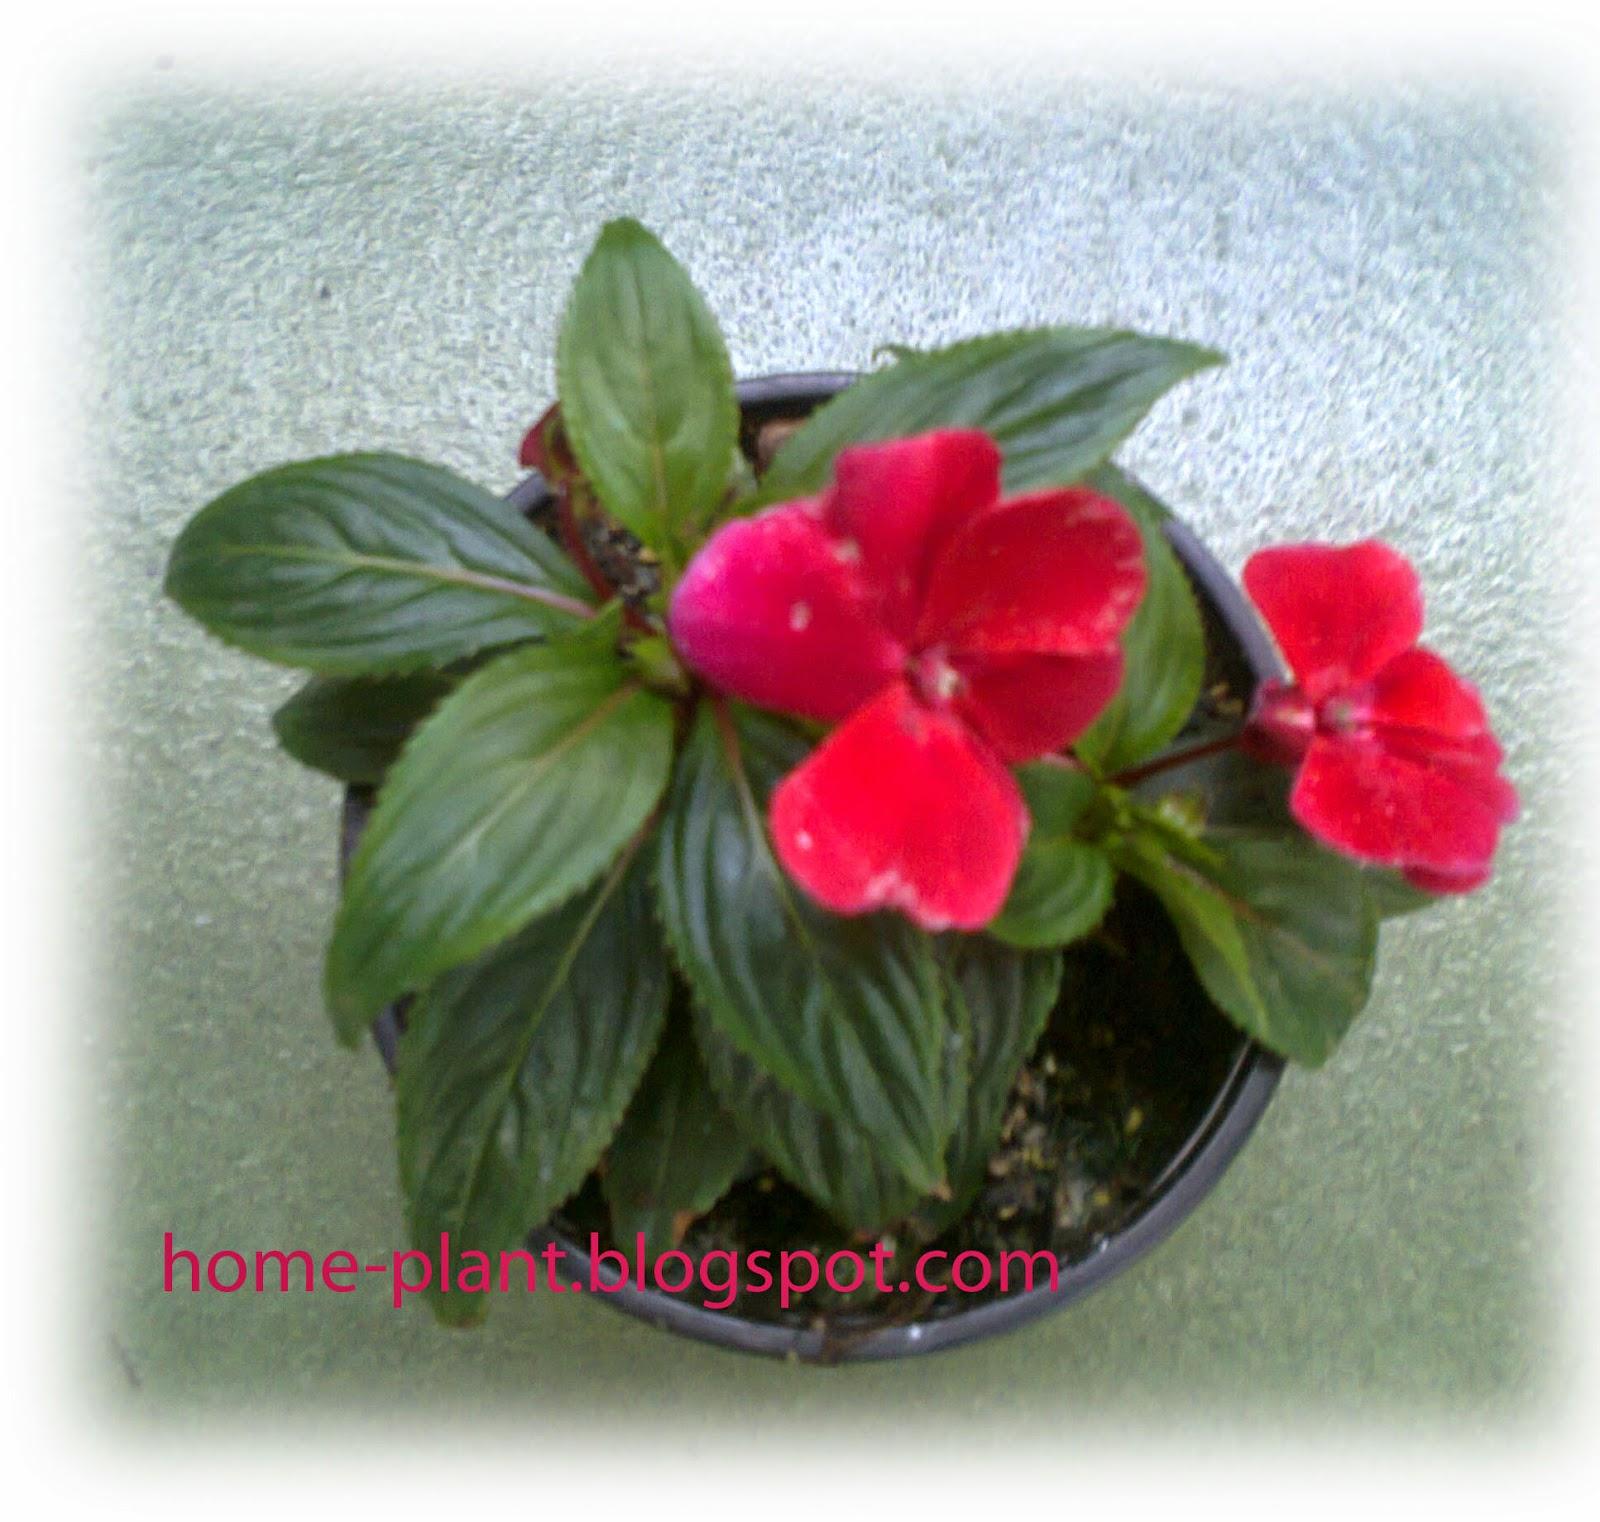 Бальзамин или огонек - любимое домашнее растение 3